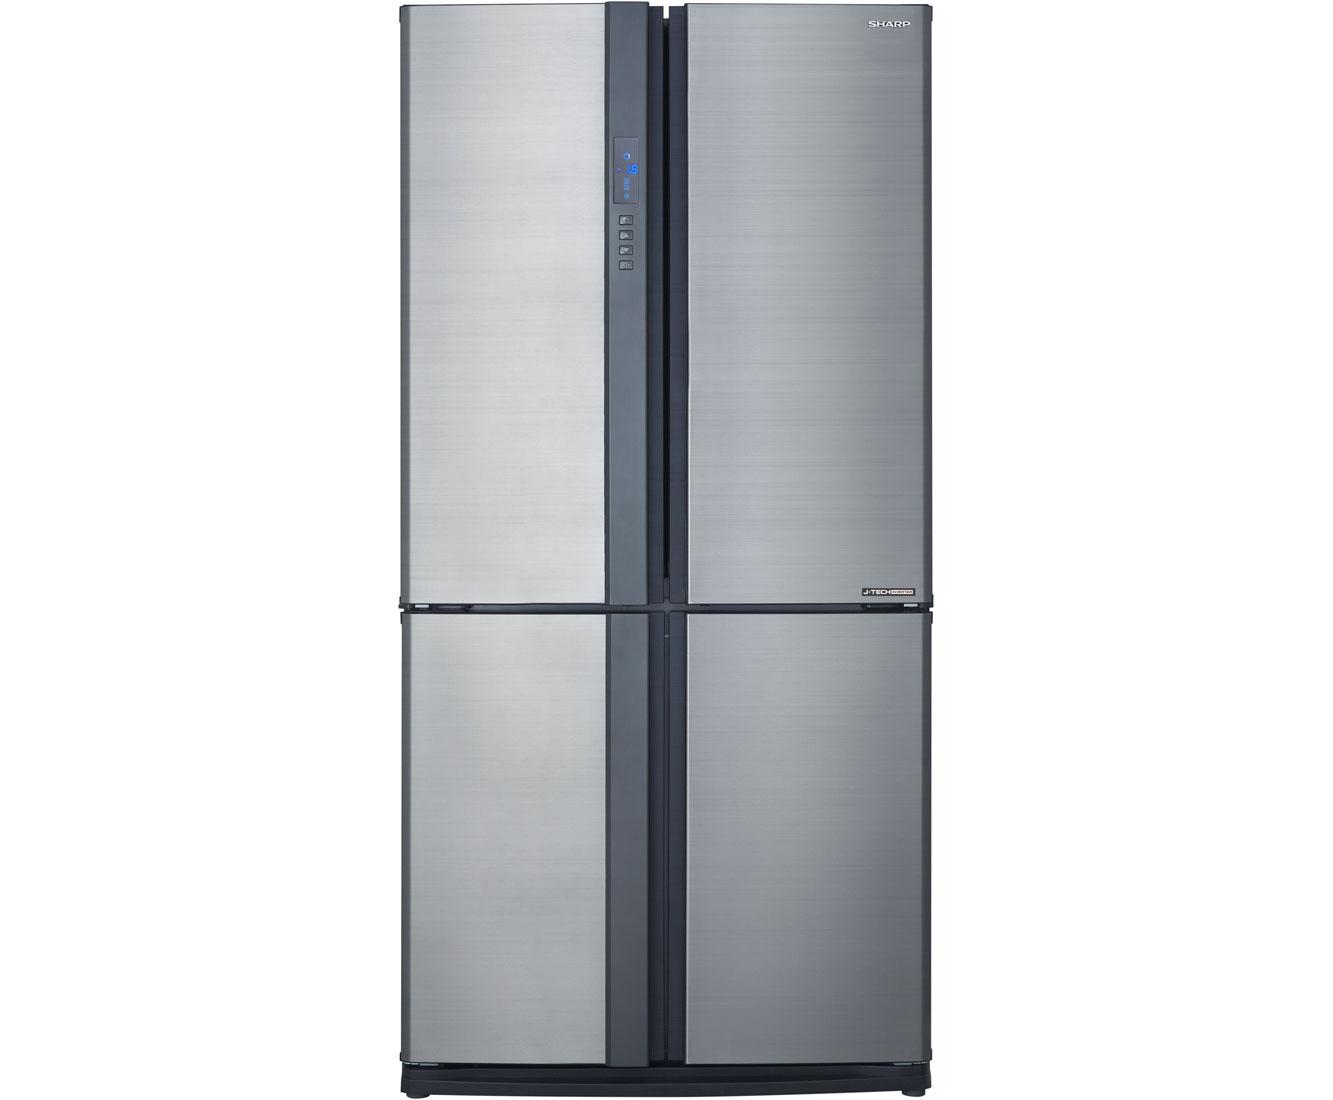 Side By Side Kühlschrank Ohne Wasseranschluss Preisvergleich : Foodcenter preisvergleich u die besten angebote online kaufen